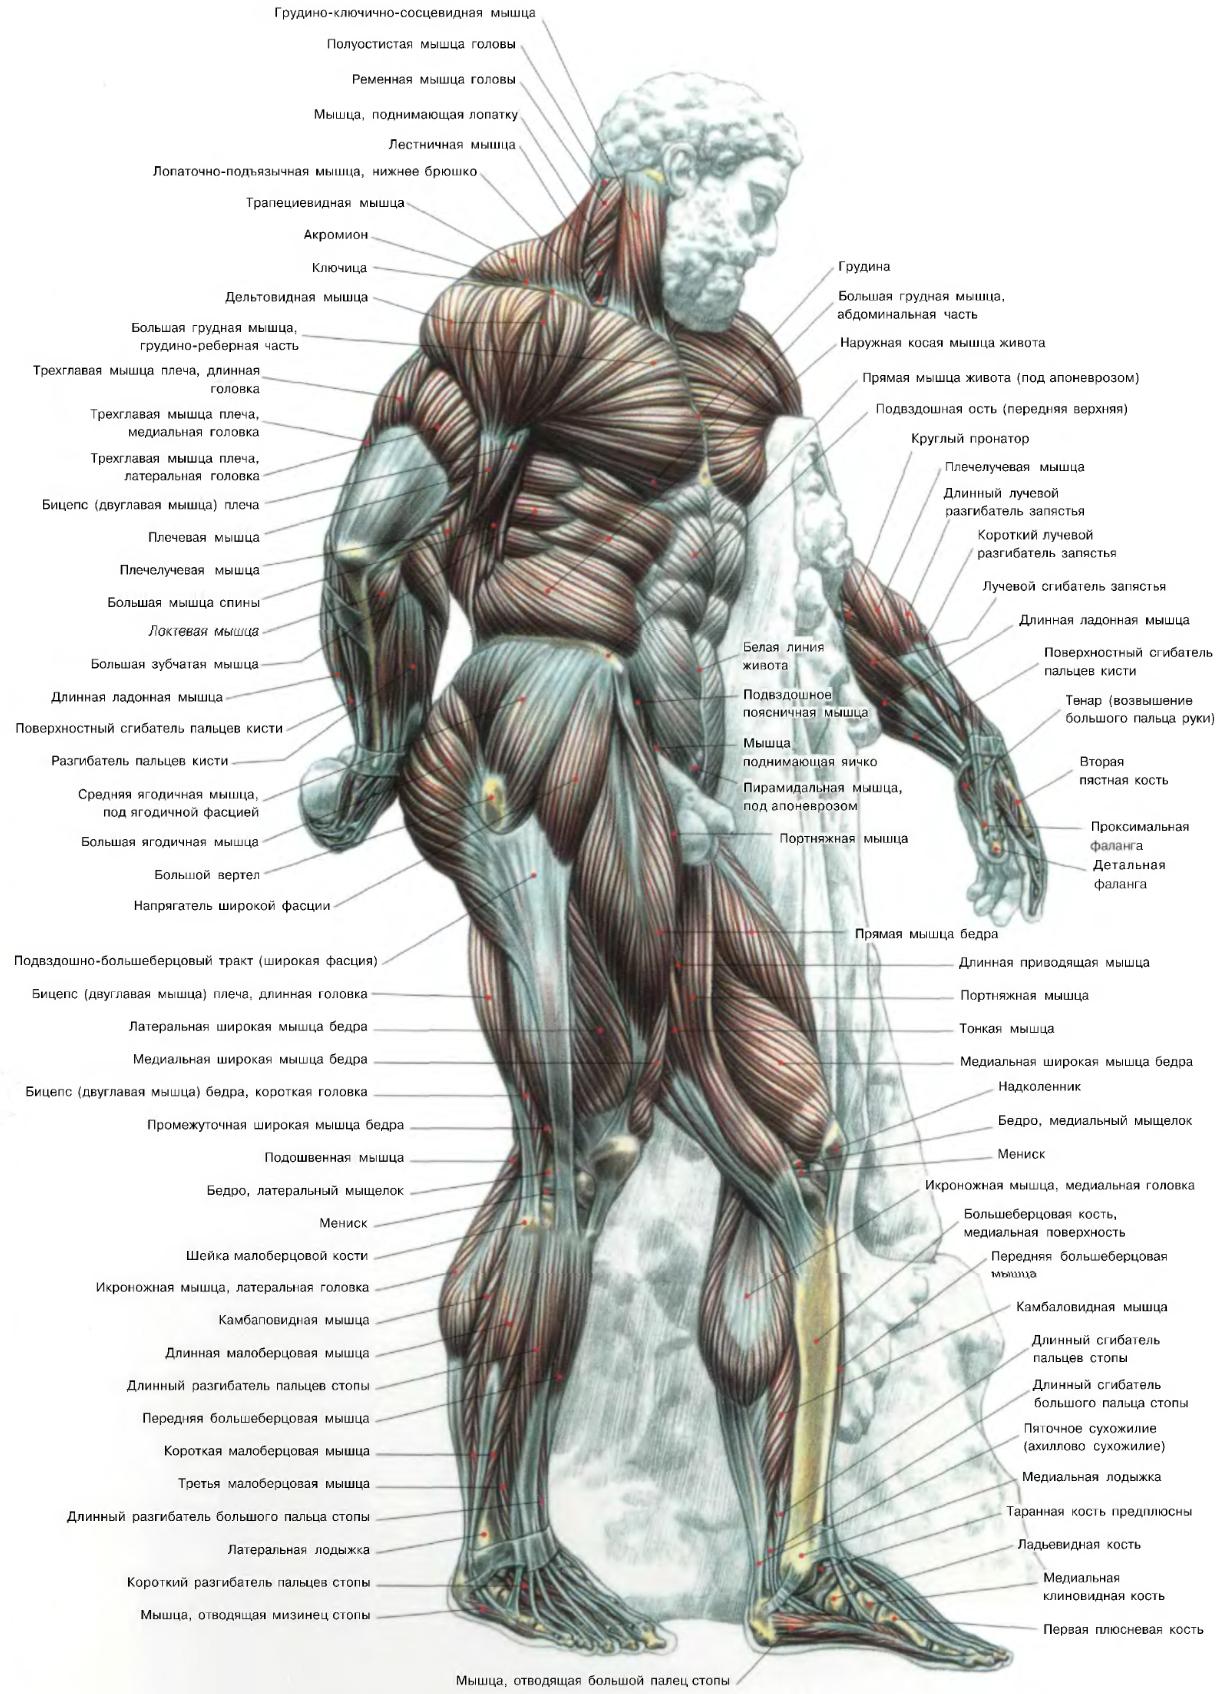 Мышцы человека перед